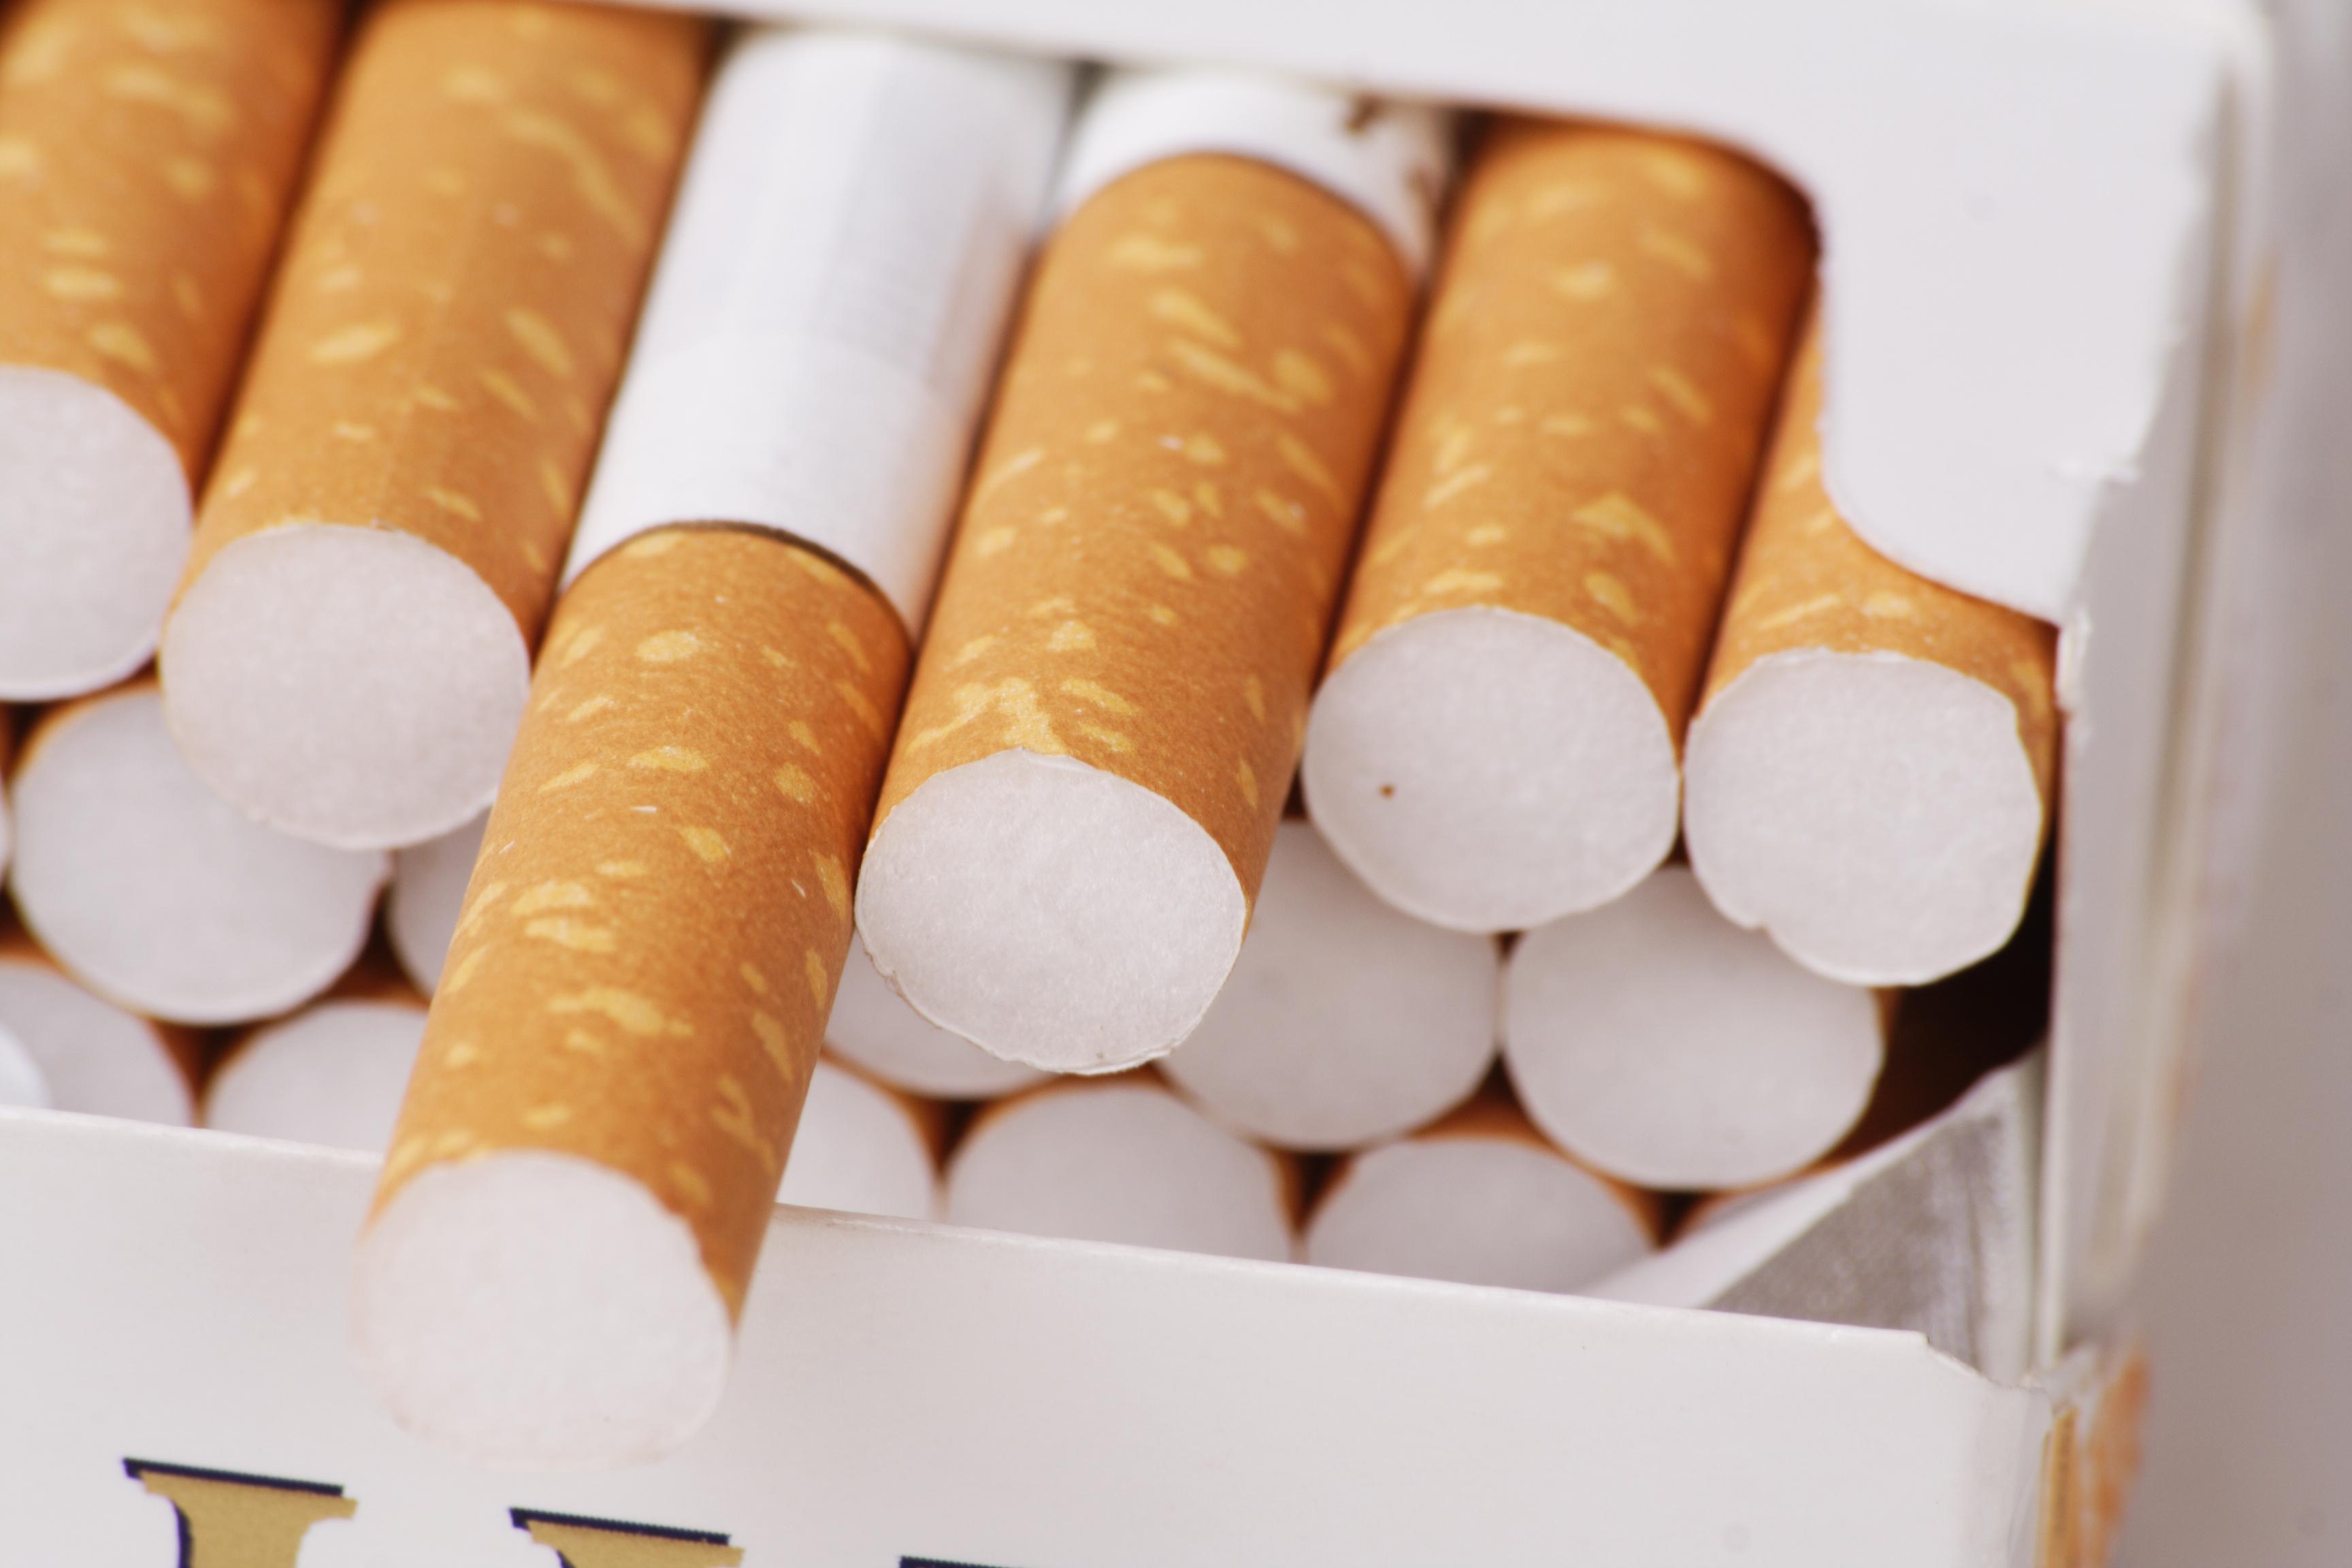 Αποτέλεσμα εικόνας για λαθραια τσιγαρα